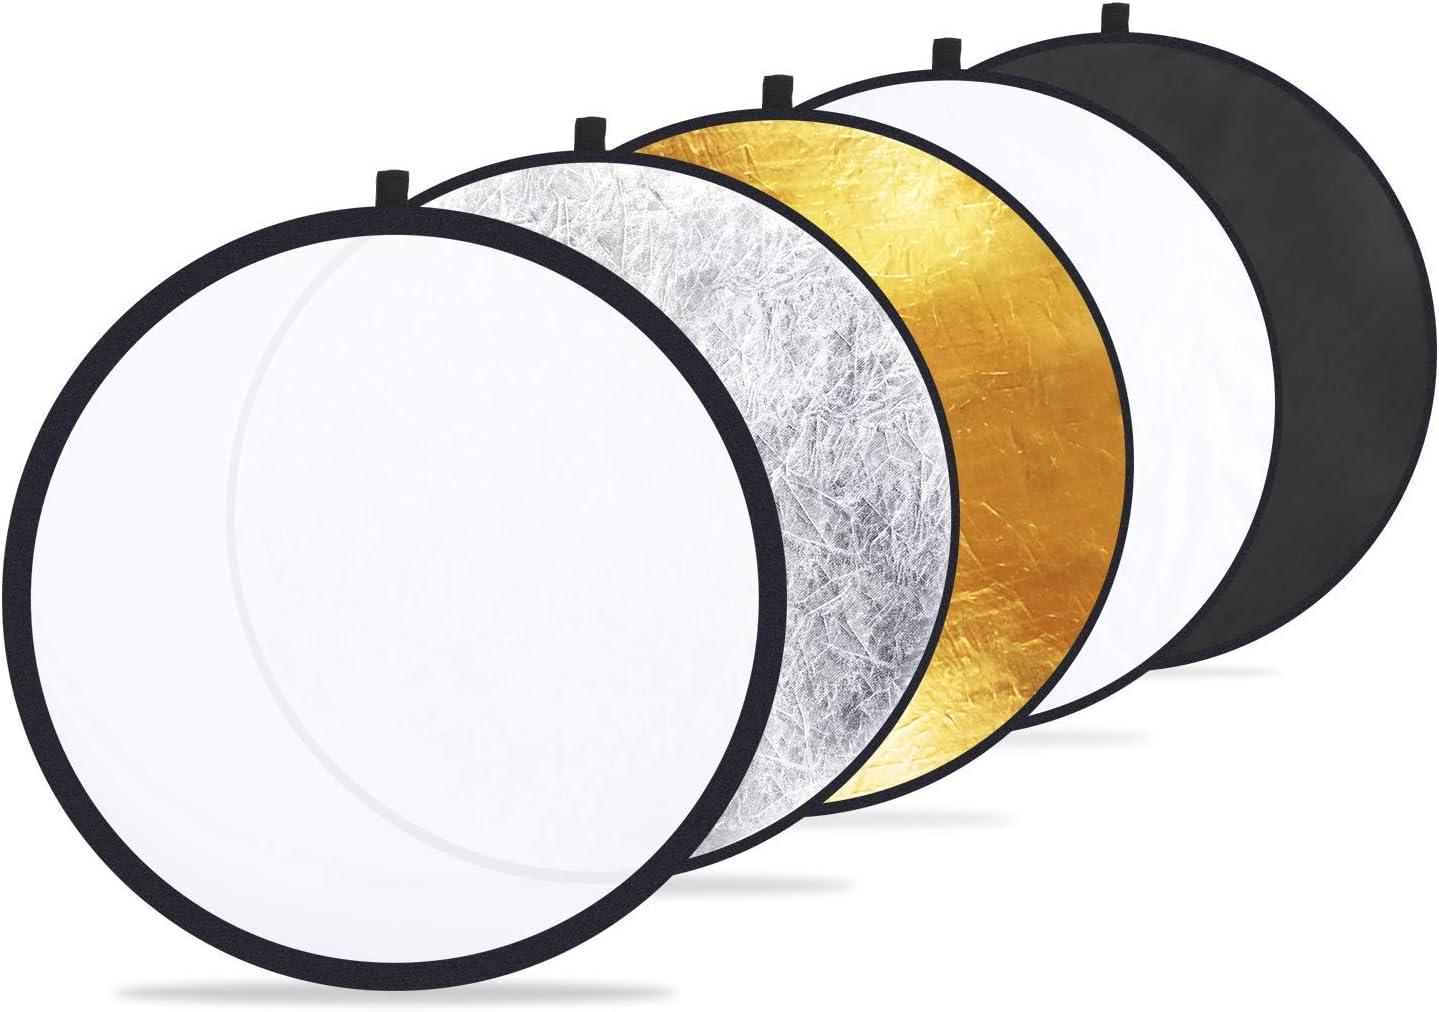 Dorado, Plateado, Blanco, Negro, transl/úcido KANGIRU 2460cm Disco 5 en 1 Fotograf/ía de Estudio Plegable Foto Reflector de luz Port/átil m/últiple Duradero y /útil